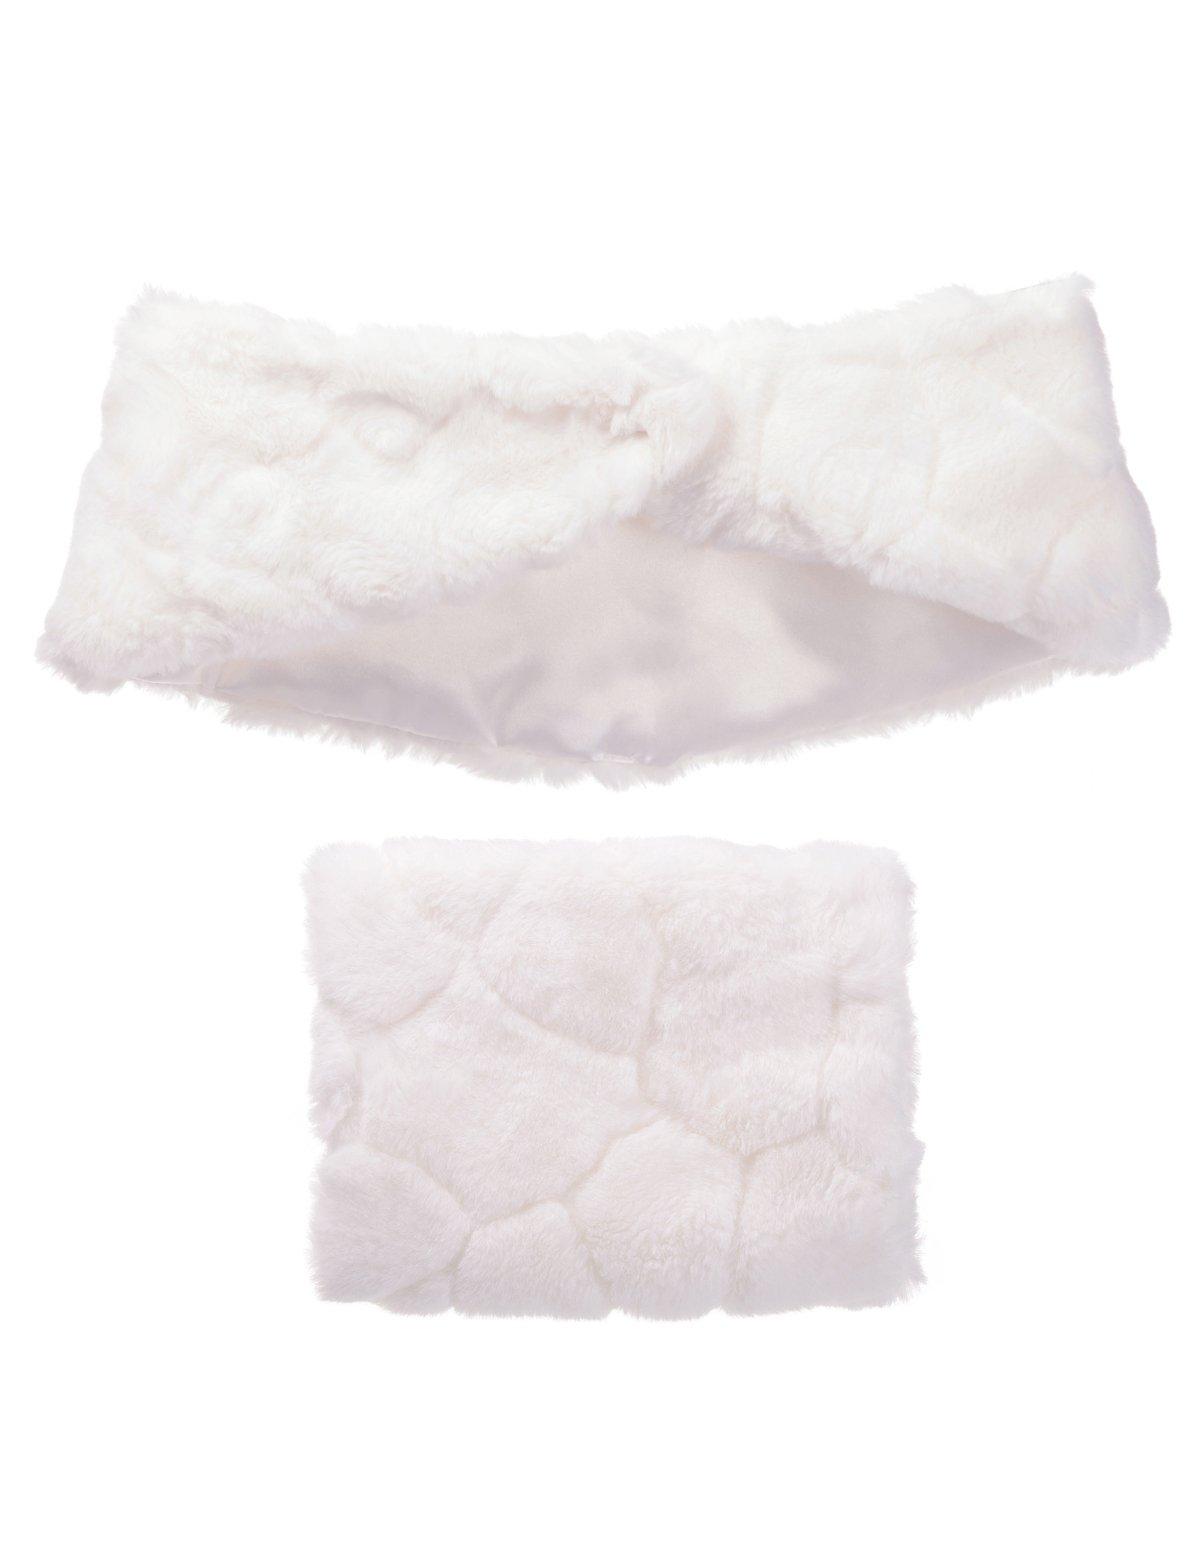 Remedios Flower Girl Faux Fur Wrap Shawl and Handmuff Wedding Party Accessory, S